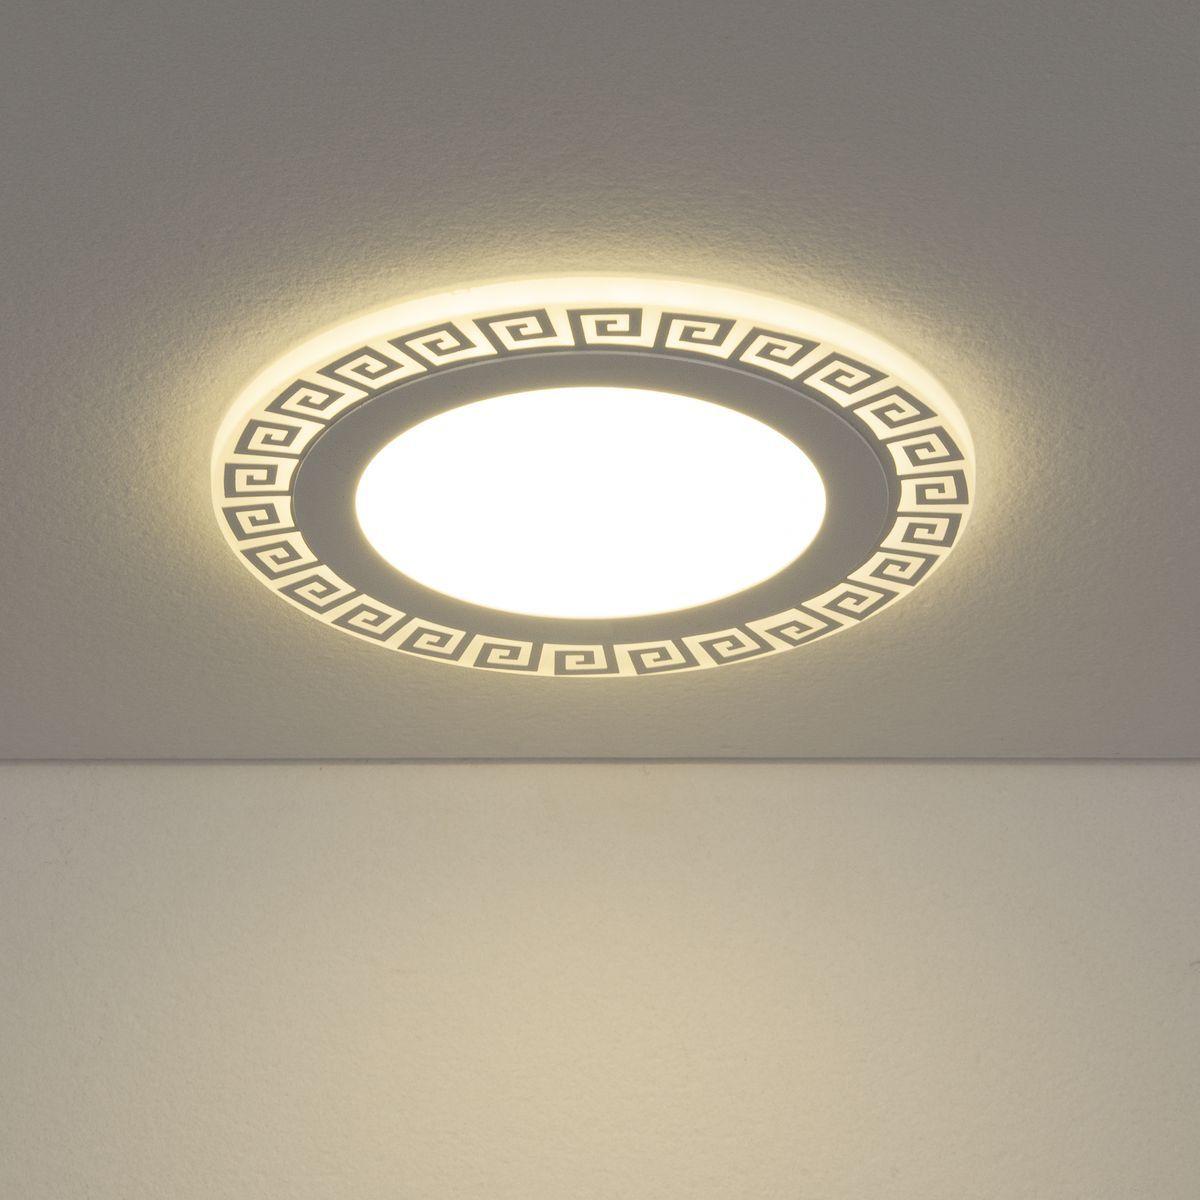 Встраиваемый потолочный светодиодный светильник DSS002 12+6W 4200K